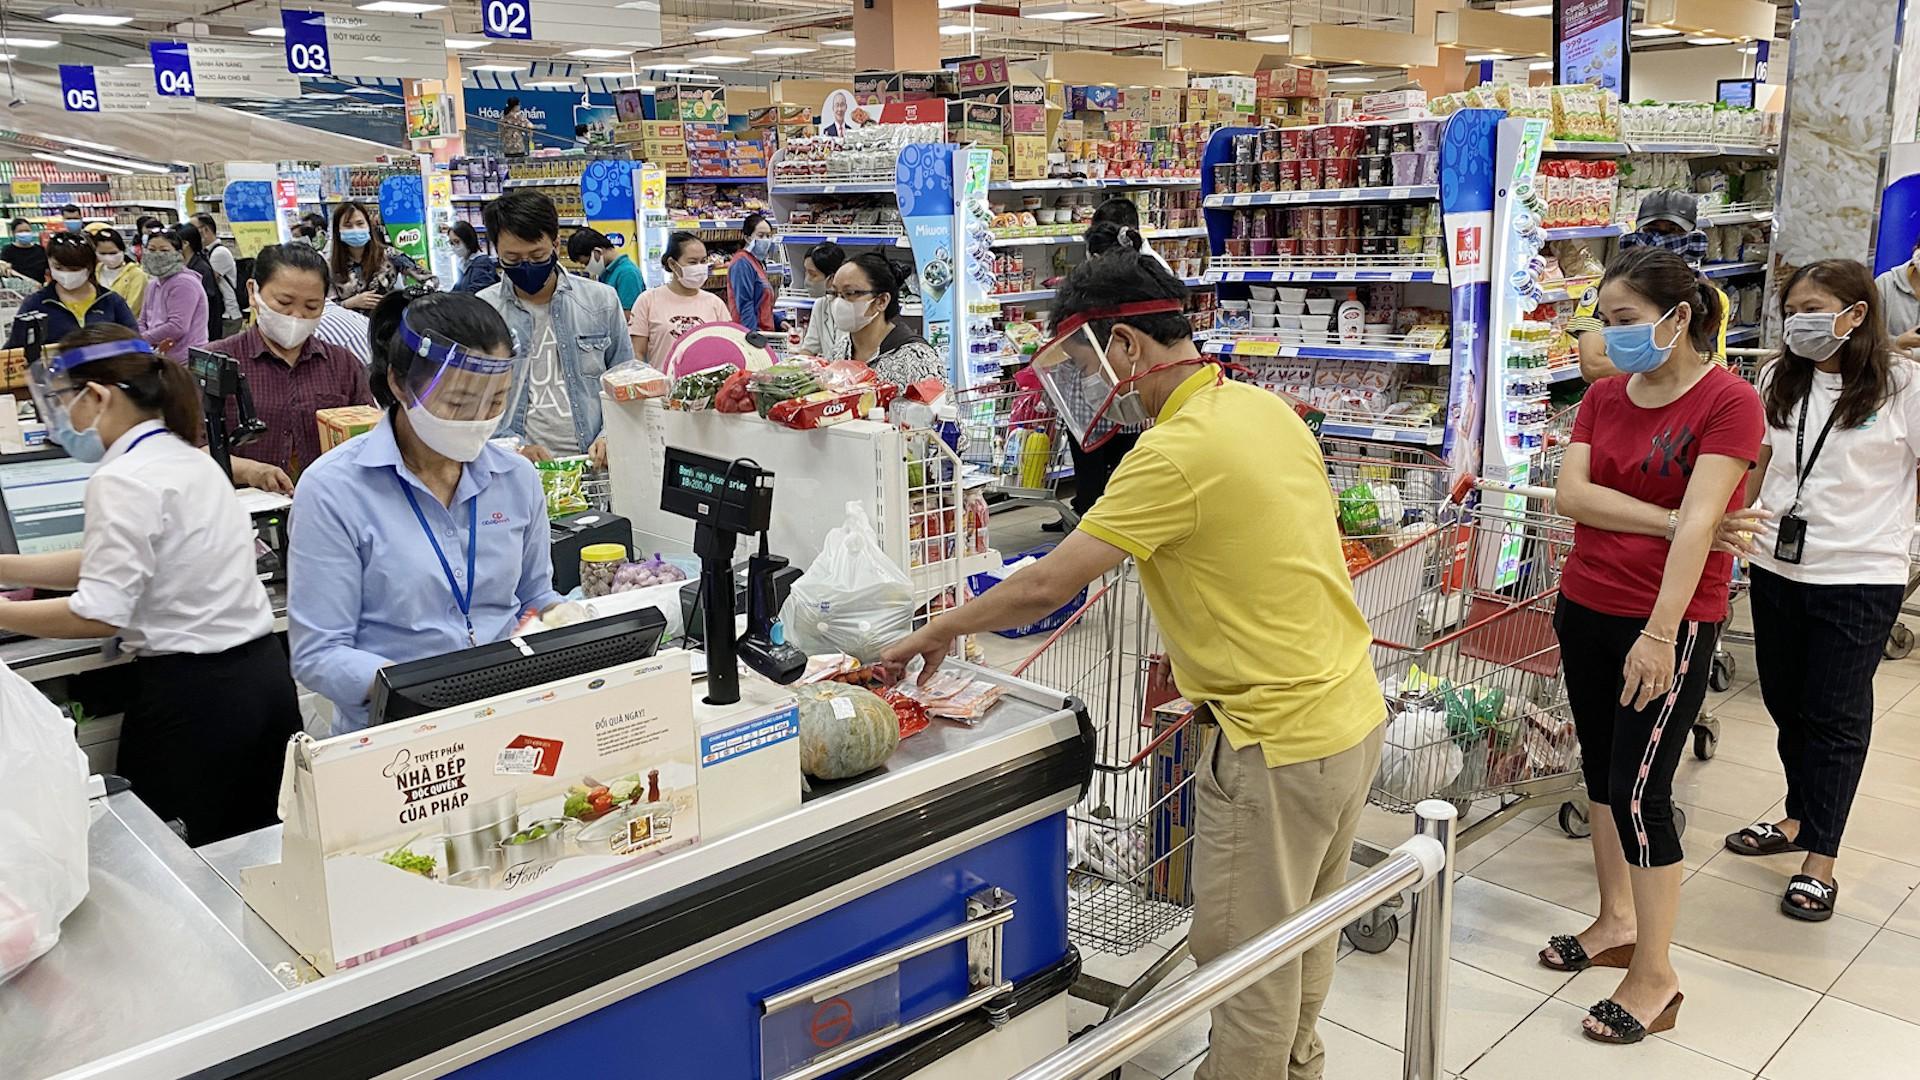 Cách ly xã hội: Dân kéo đi siêu thị, an tâm hàng hóa vẫn đủ